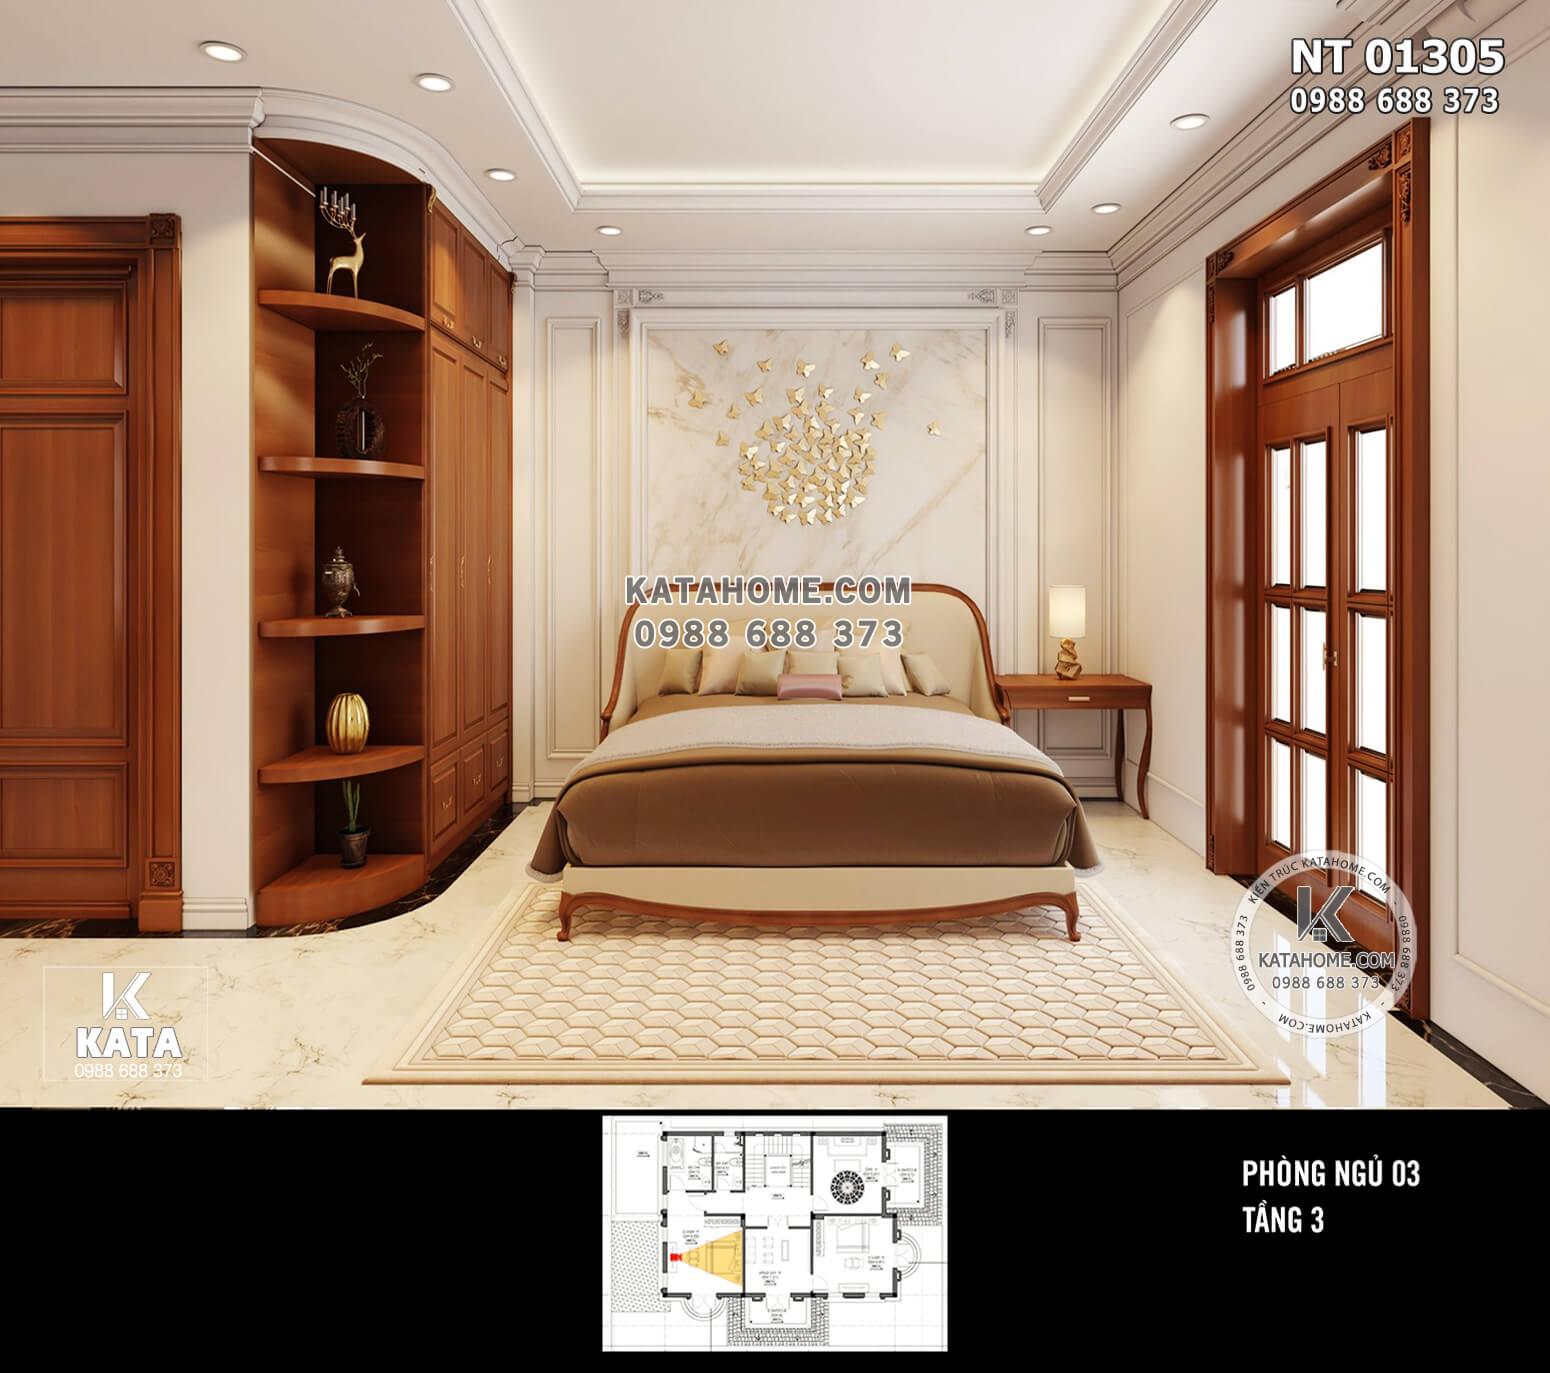 Hình ảnh: Không gian nội thất tân cổ điển của phòng ngủ 3